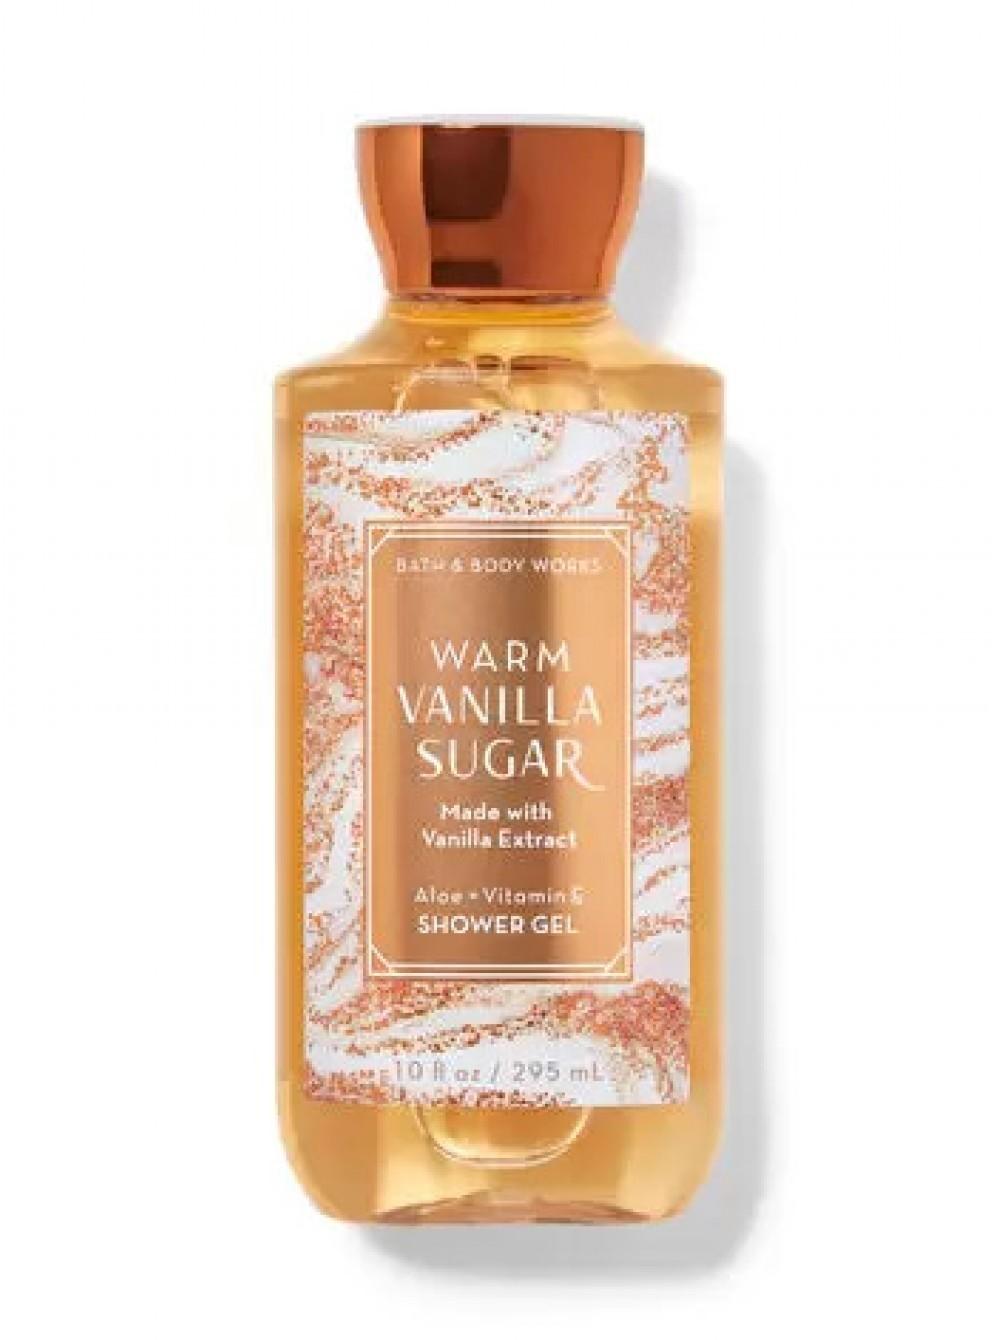 Гель для душа Warm Vanilla Sugar Bath & Body Works USA 295 мл(р) — фото №1